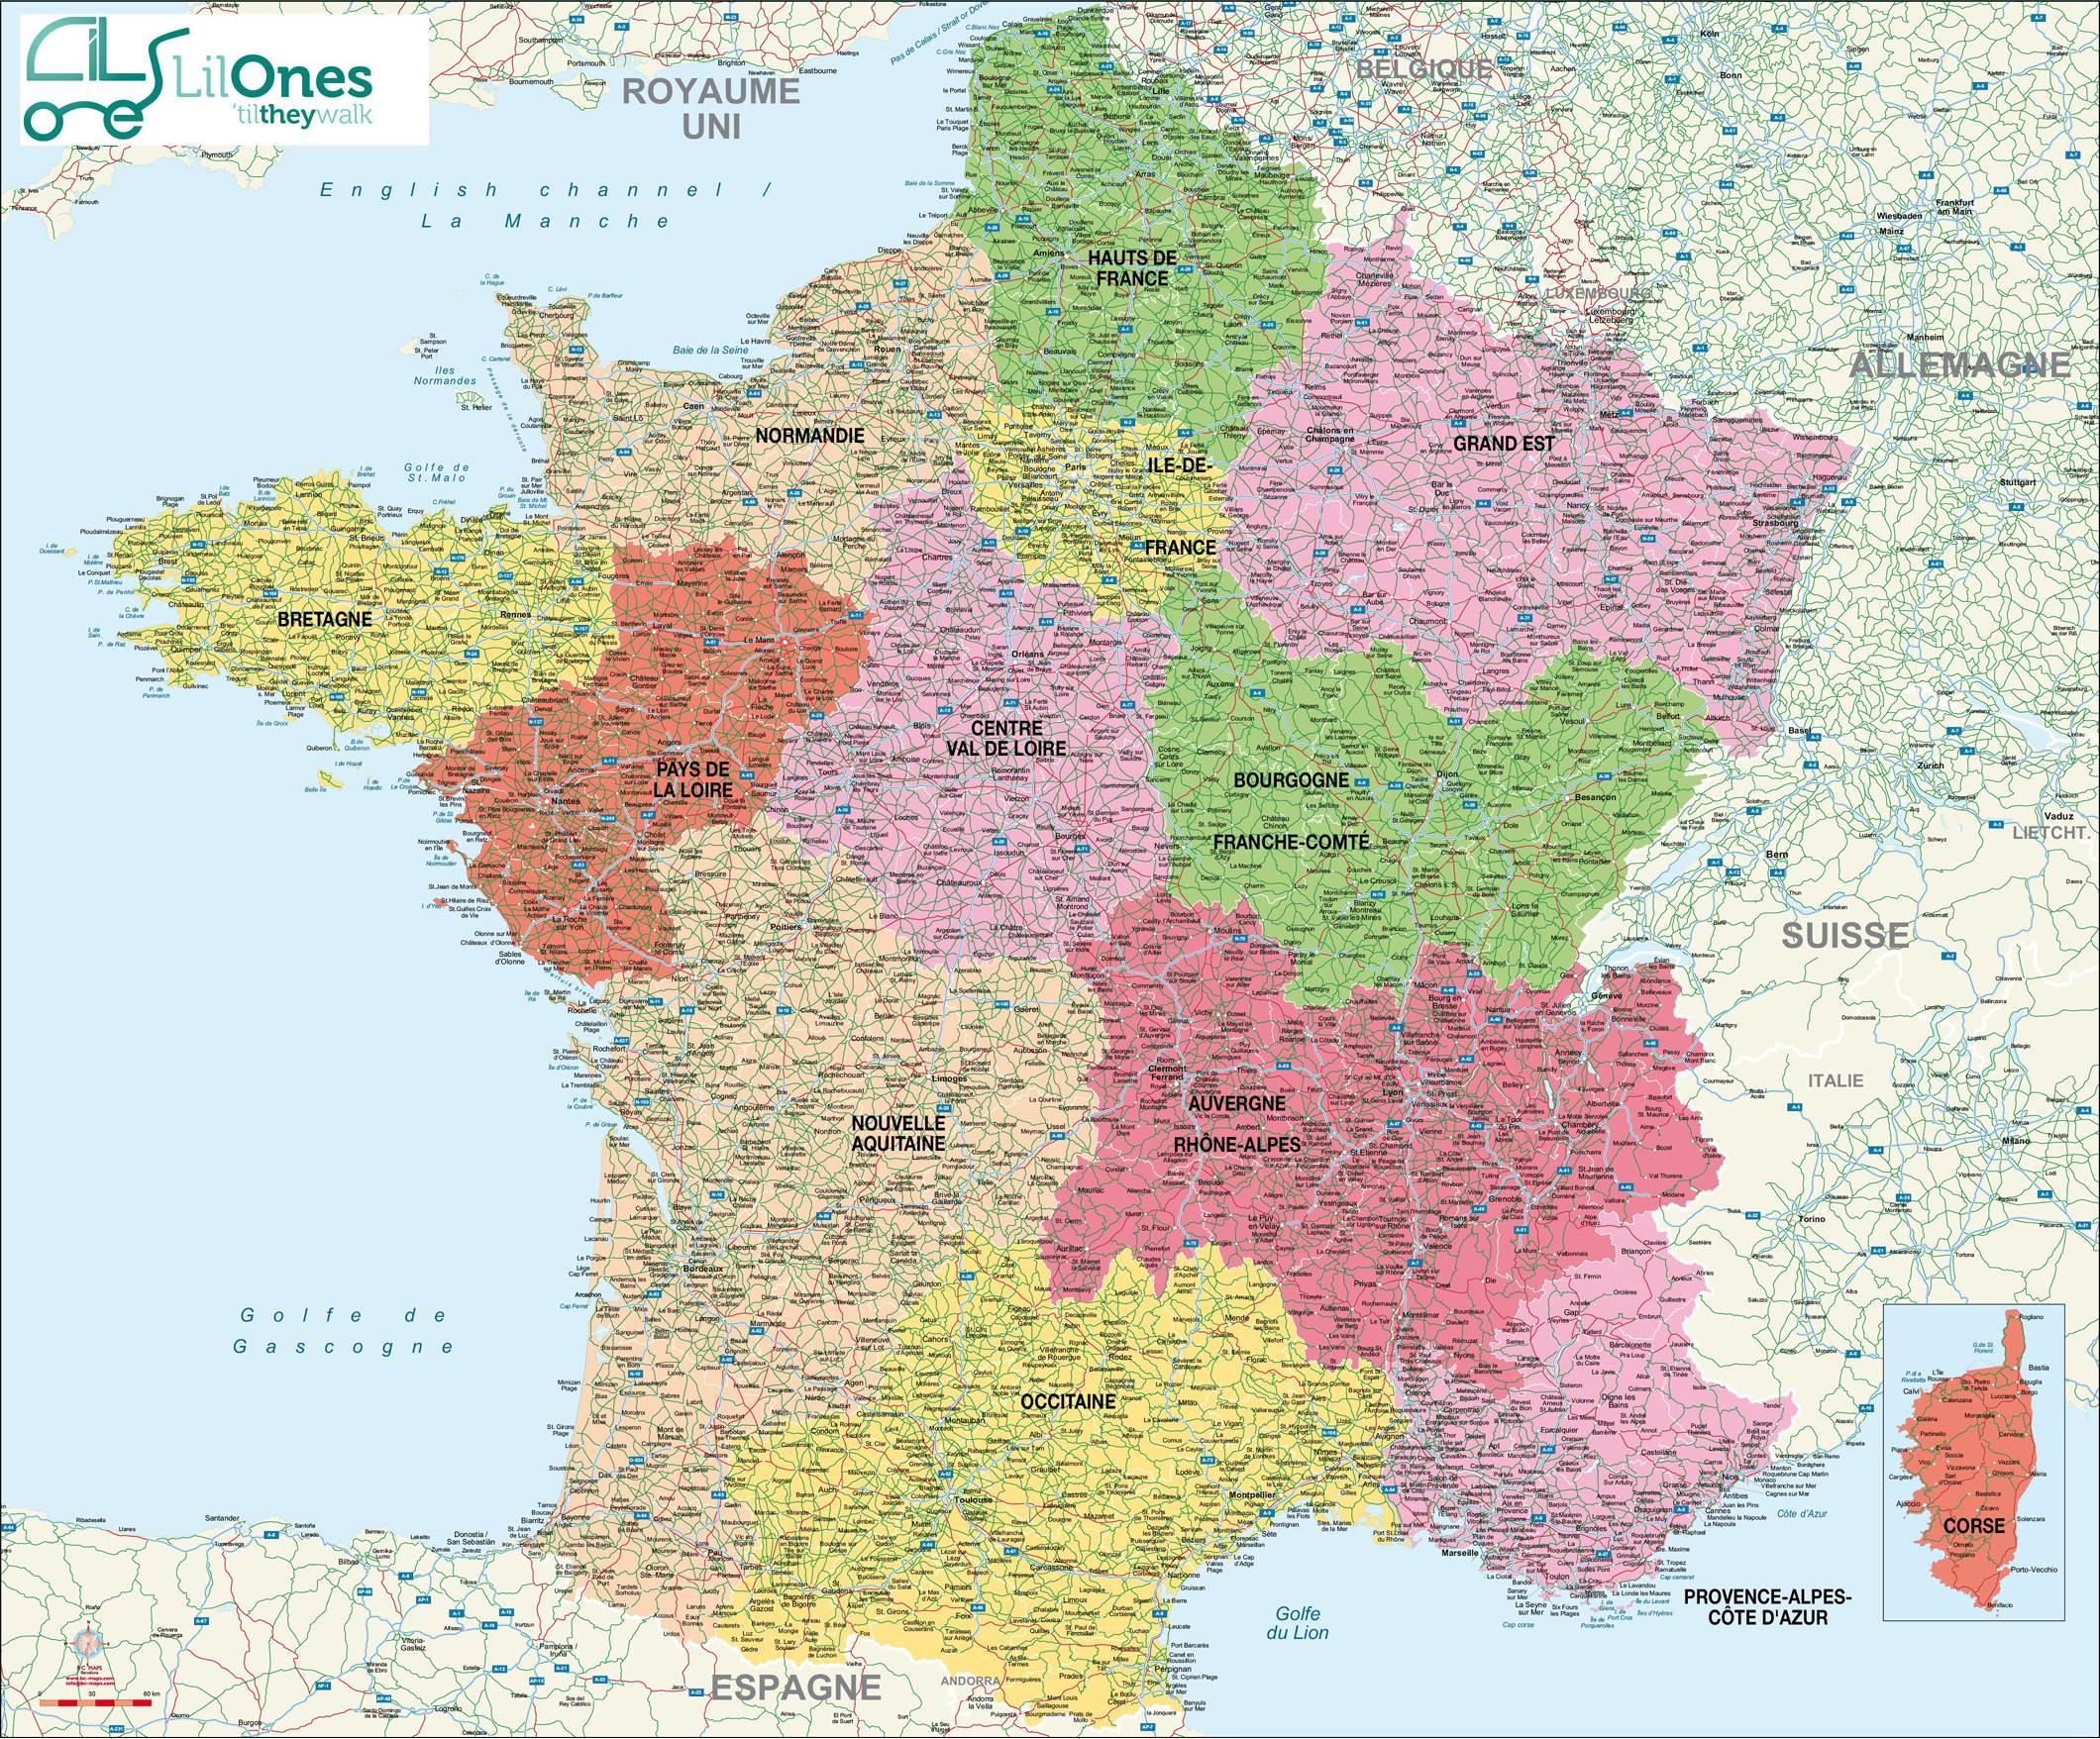 Cartes De France : Cartes Des Régions, Départements Et concernant Image De La Carte De France